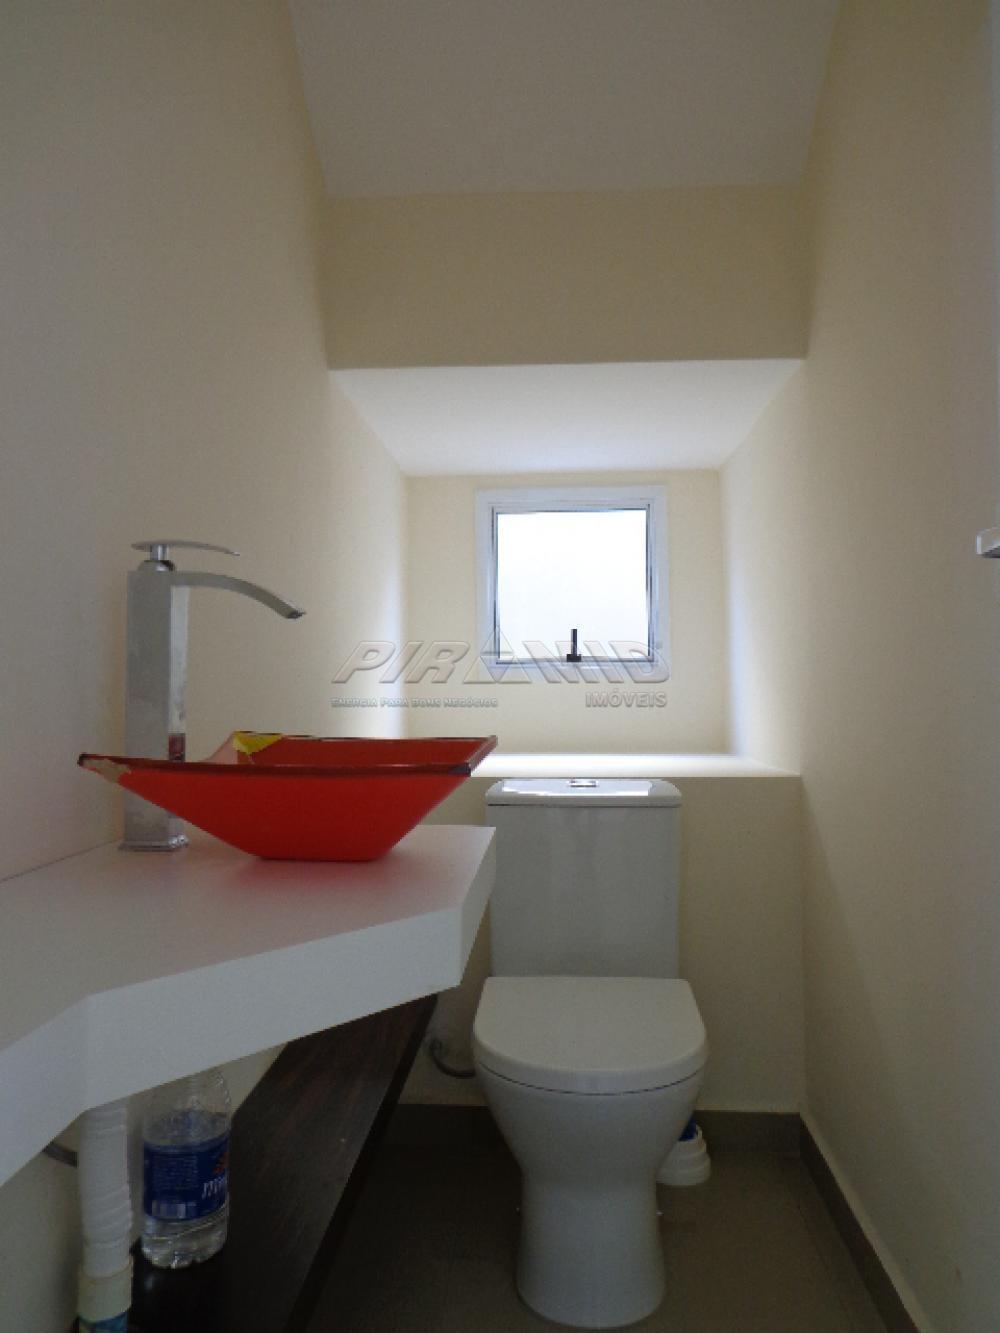 Alugar Casa / Condomínio em Ribeirão Preto apenas R$ 2.200,00 - Foto 5